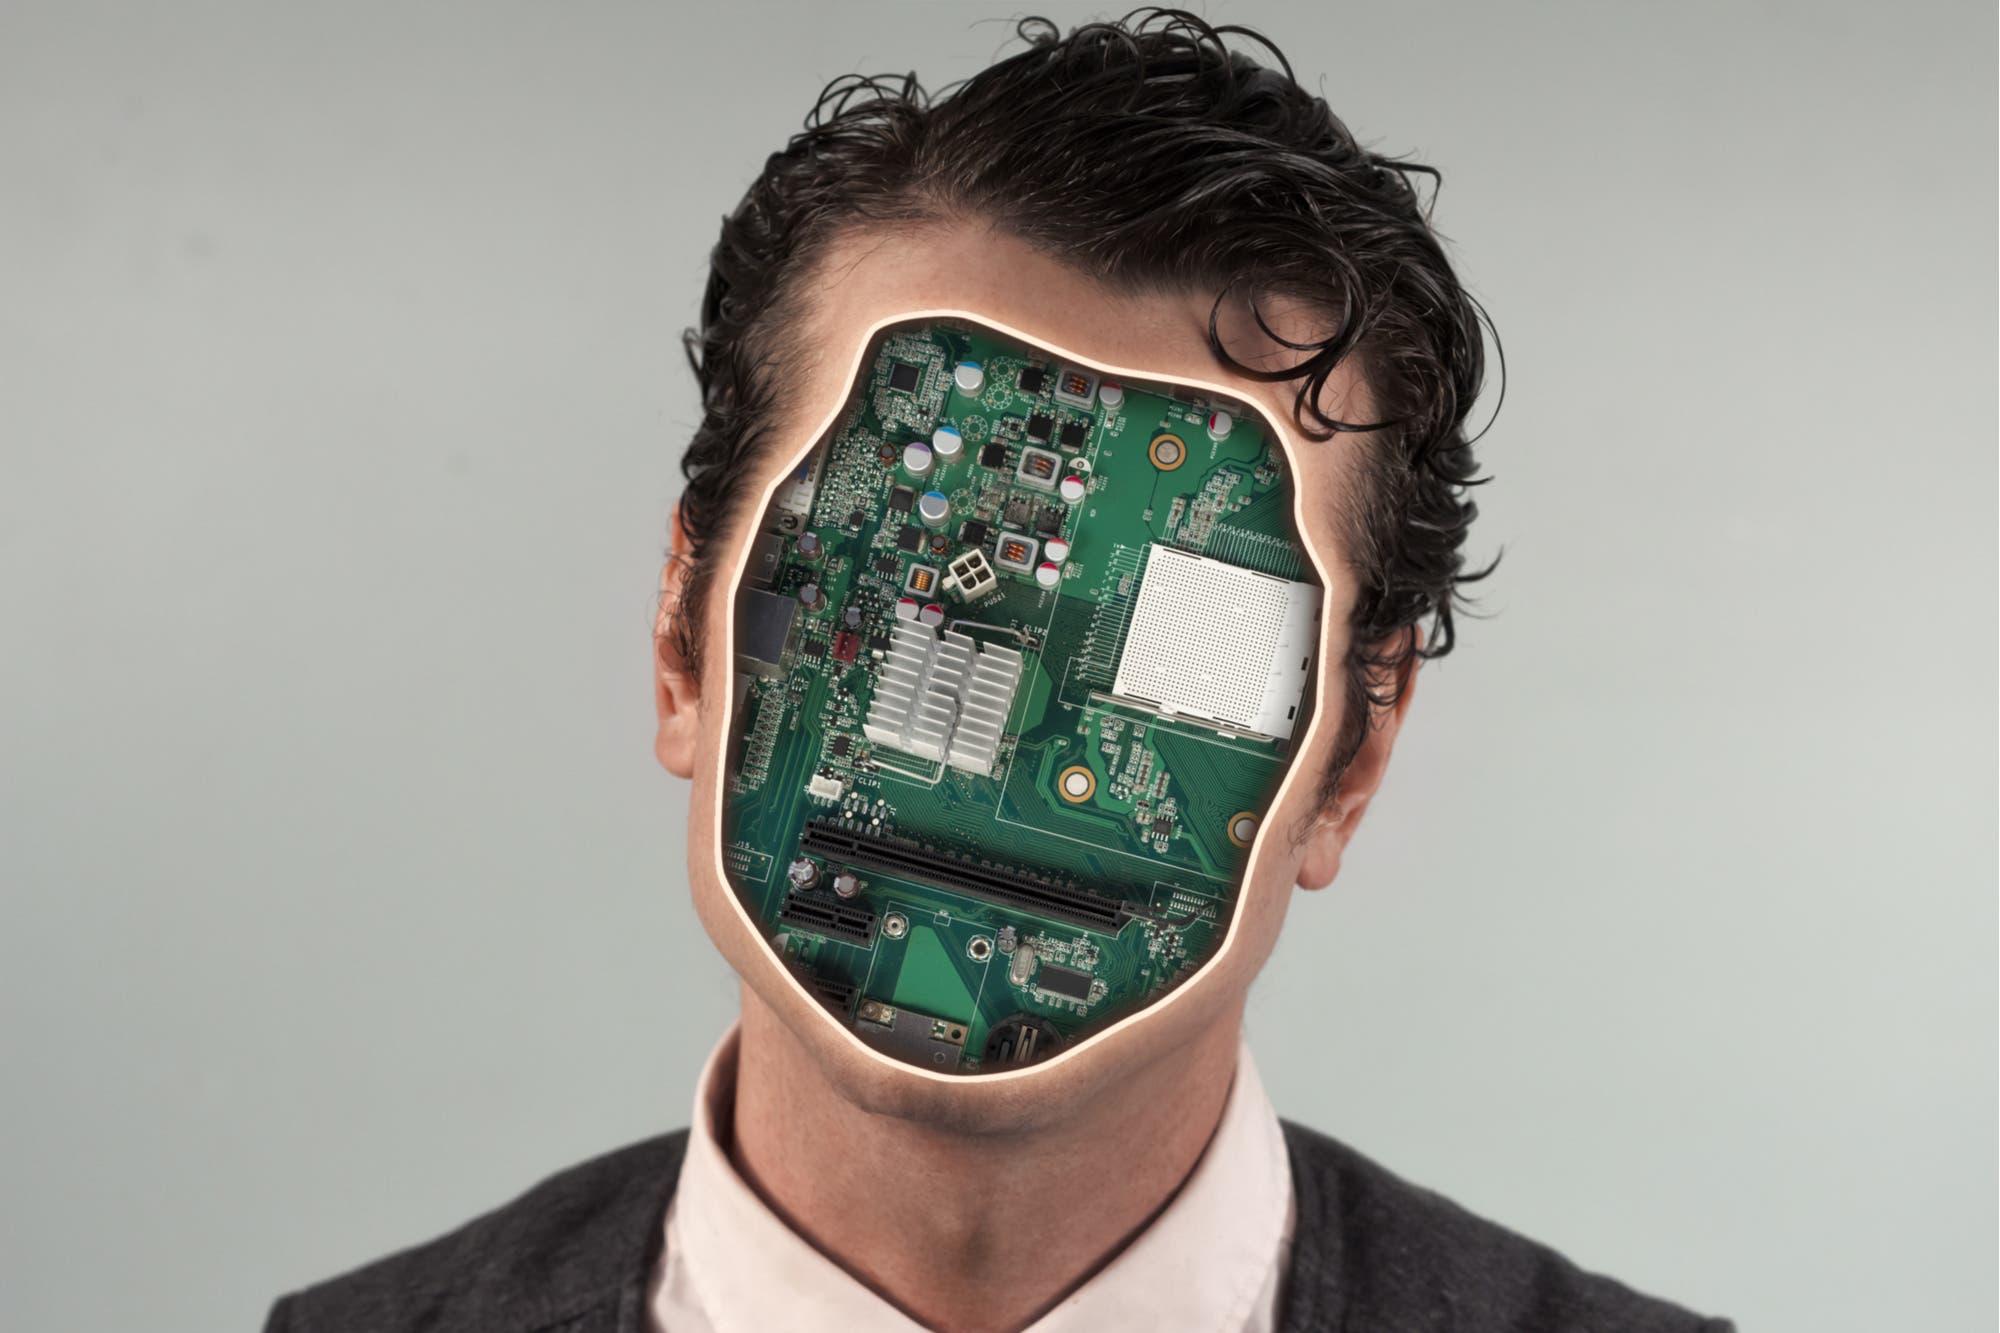 Pagarán 128 mil dólares a quien permita que se use su cara como rostro de miles de robots